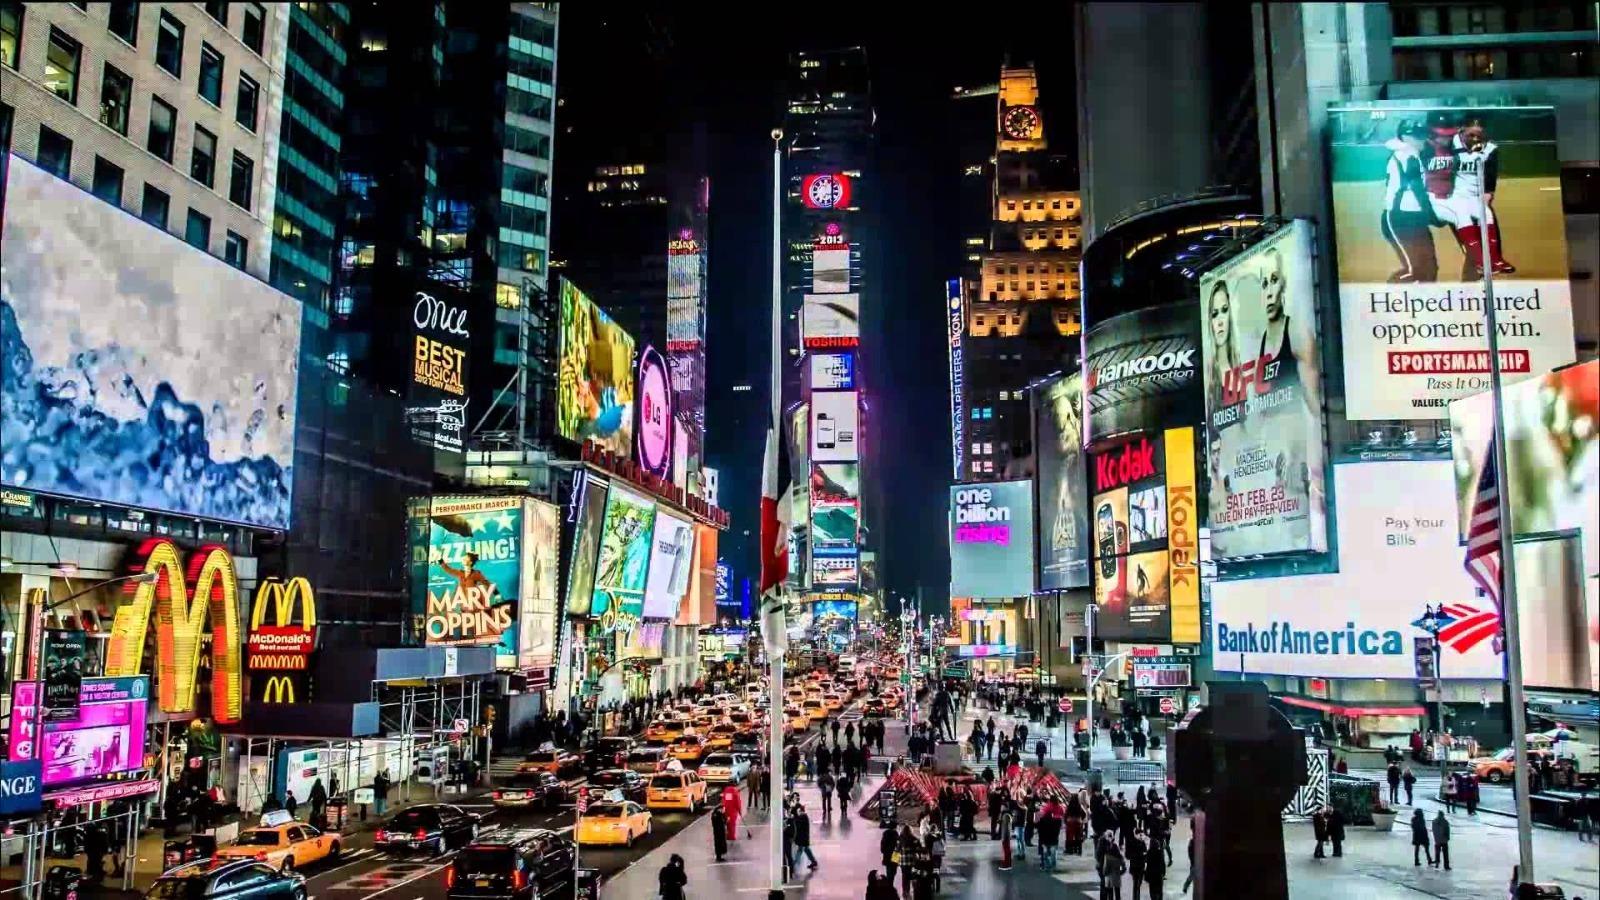 newyork10-1600781383.jpg